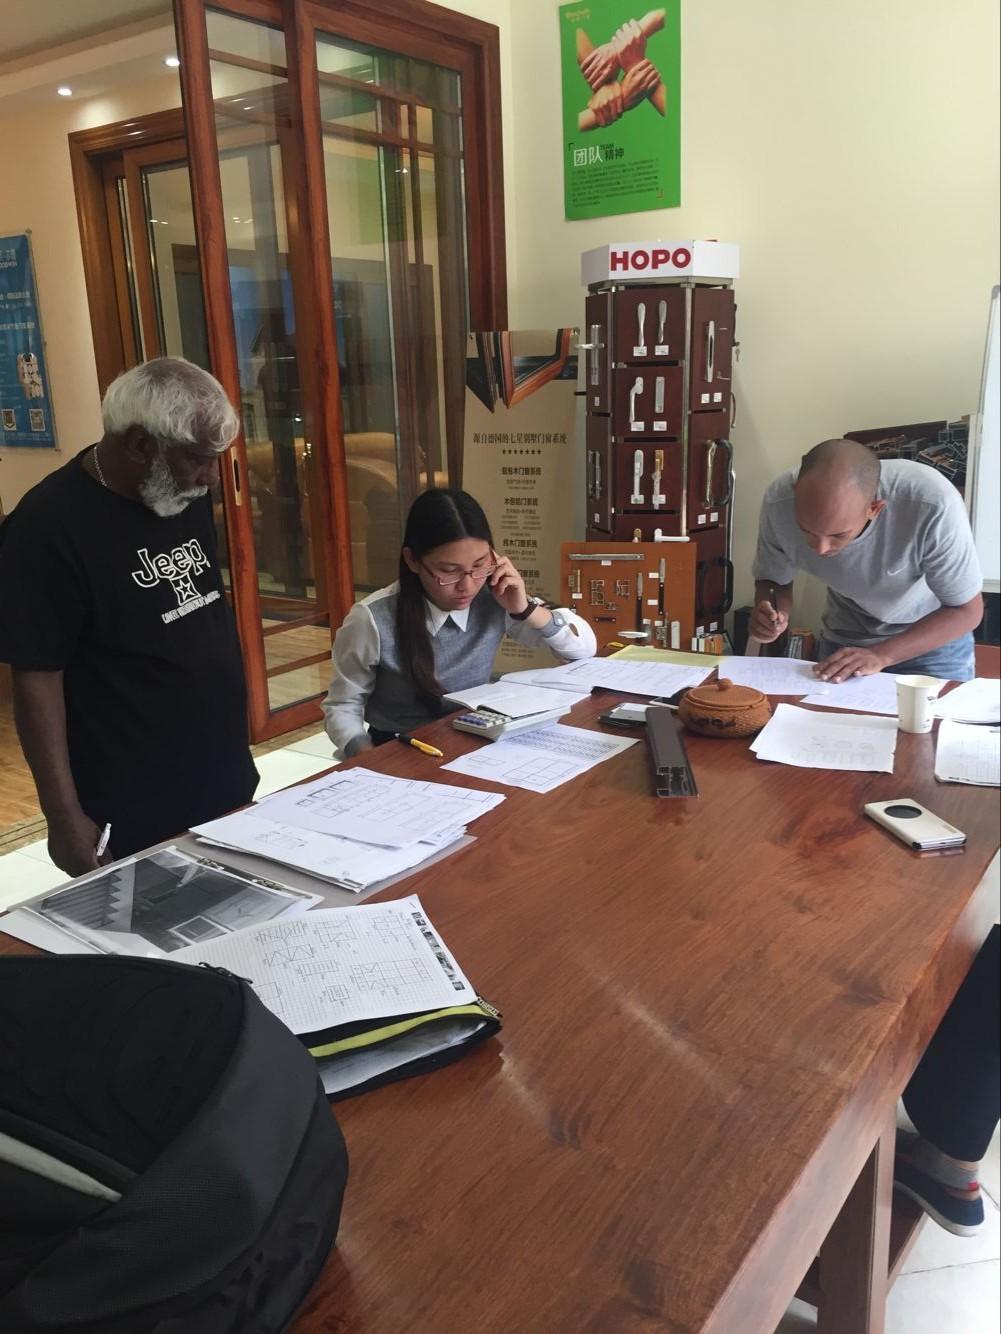 Inspecting workshop